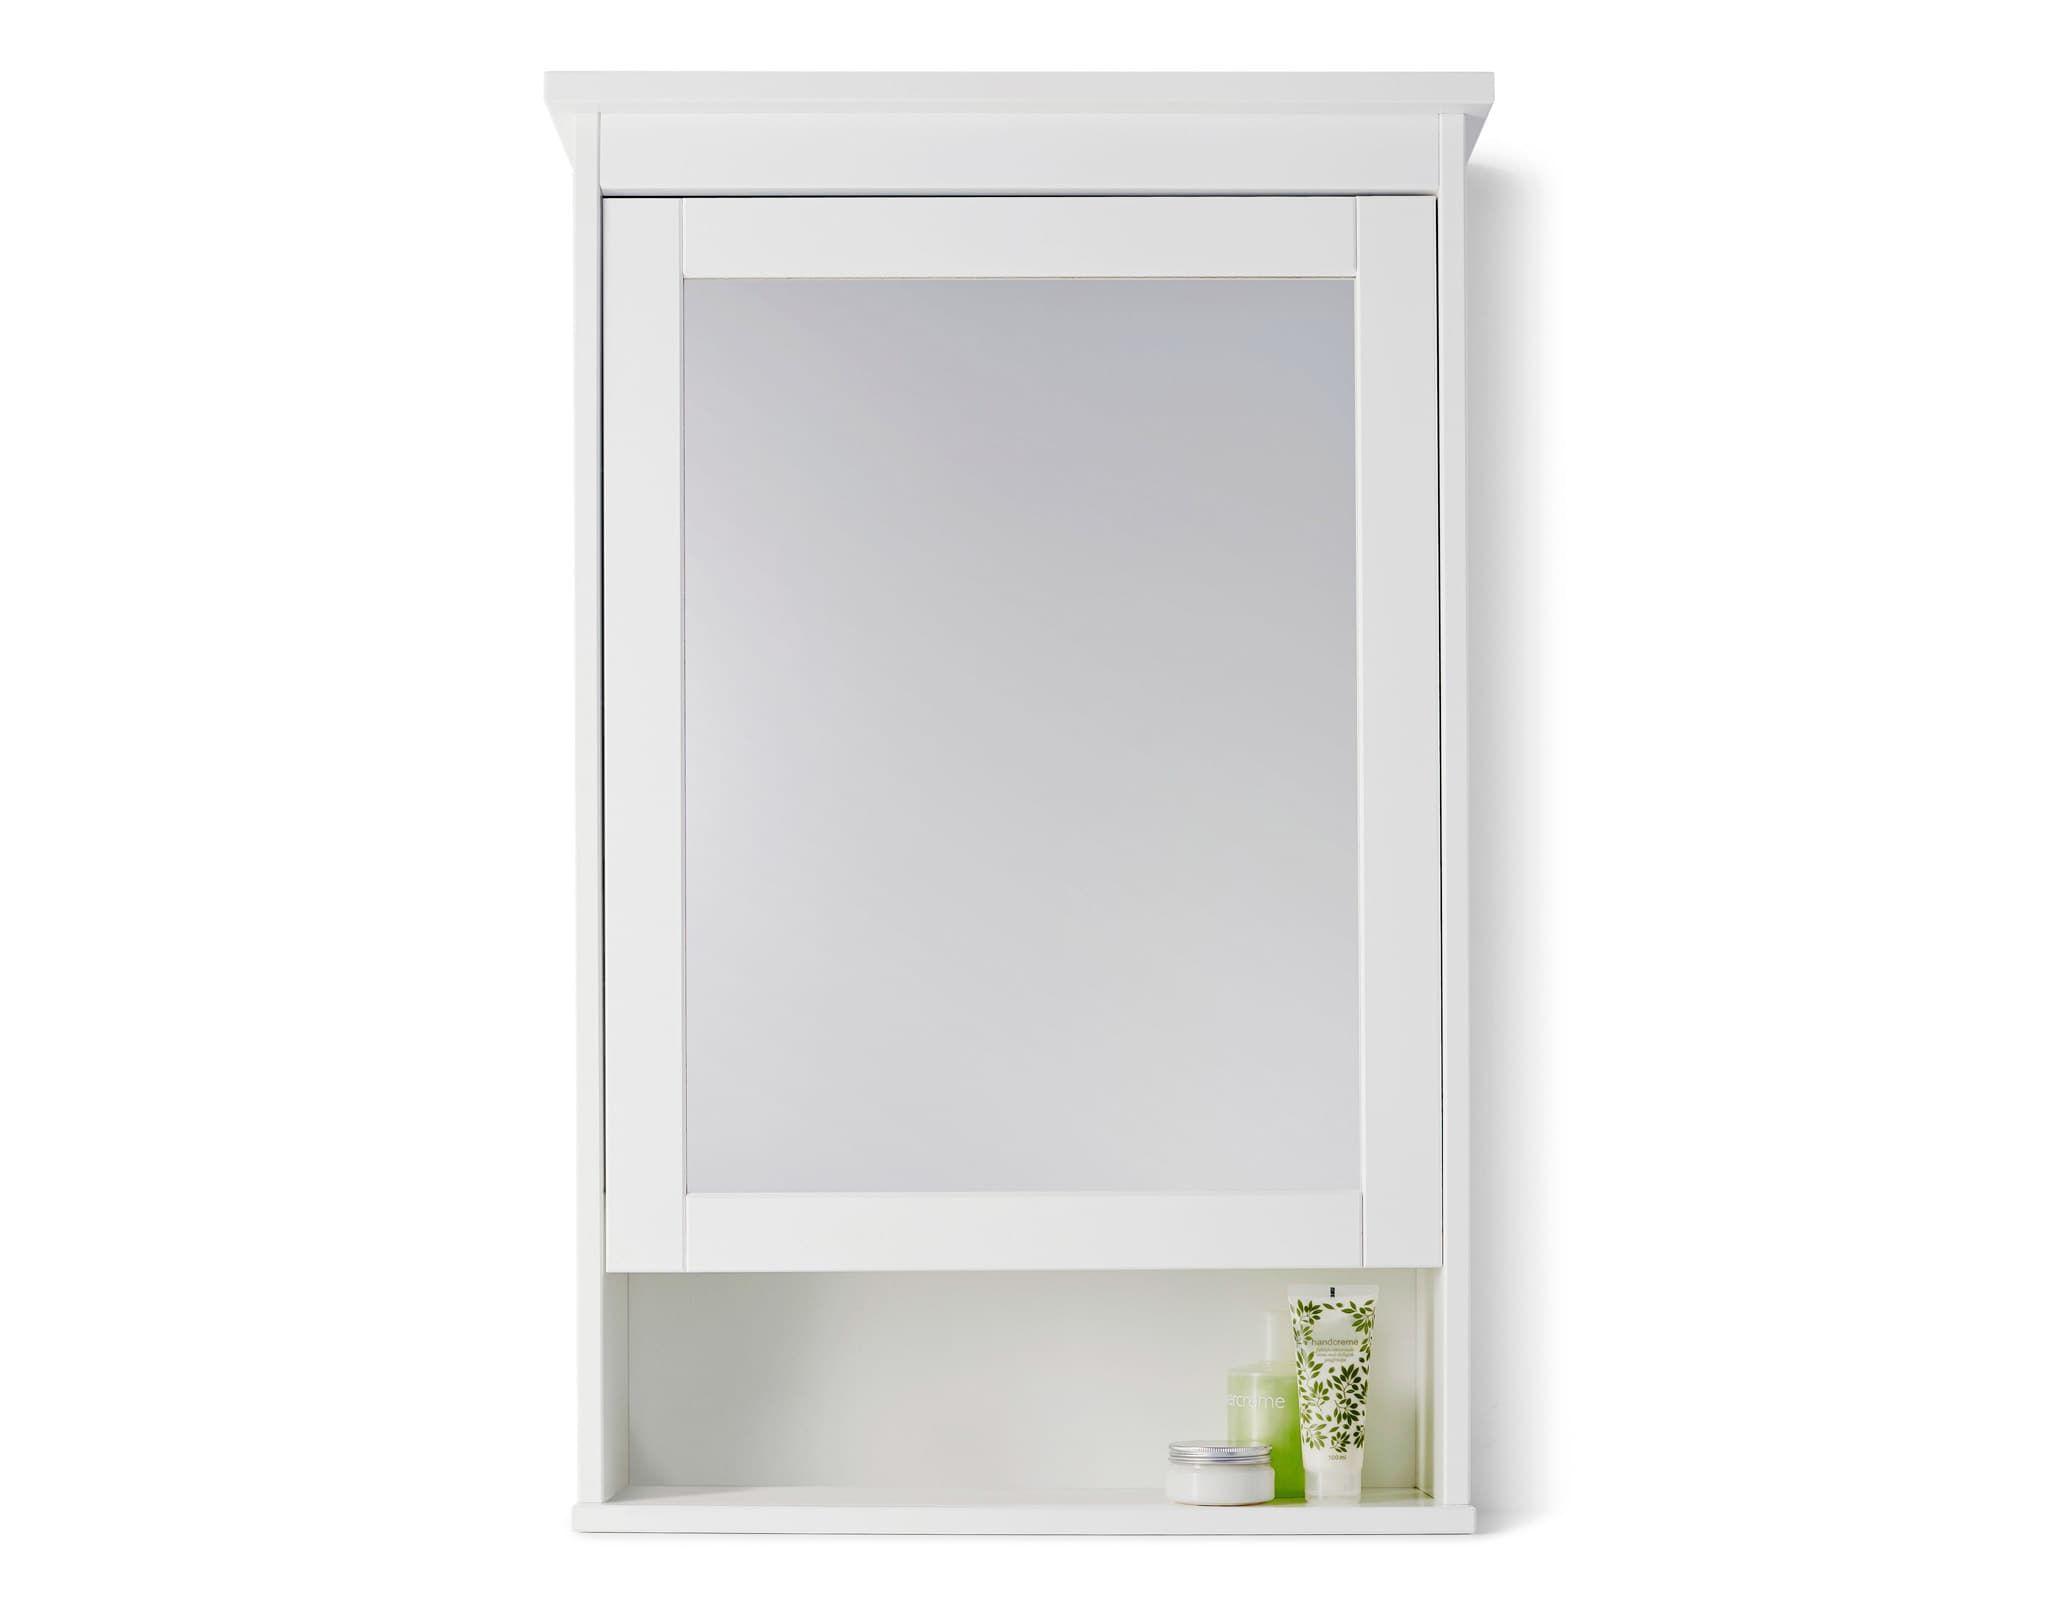 Spiegelschrank Badezimmer Spiegelschrank Bad Muster In Den Mobeln Sind Immer Flussig Und Auch Ver Badspiegel Mit Regal Badezimmer Badezimmer Spiegelschrank